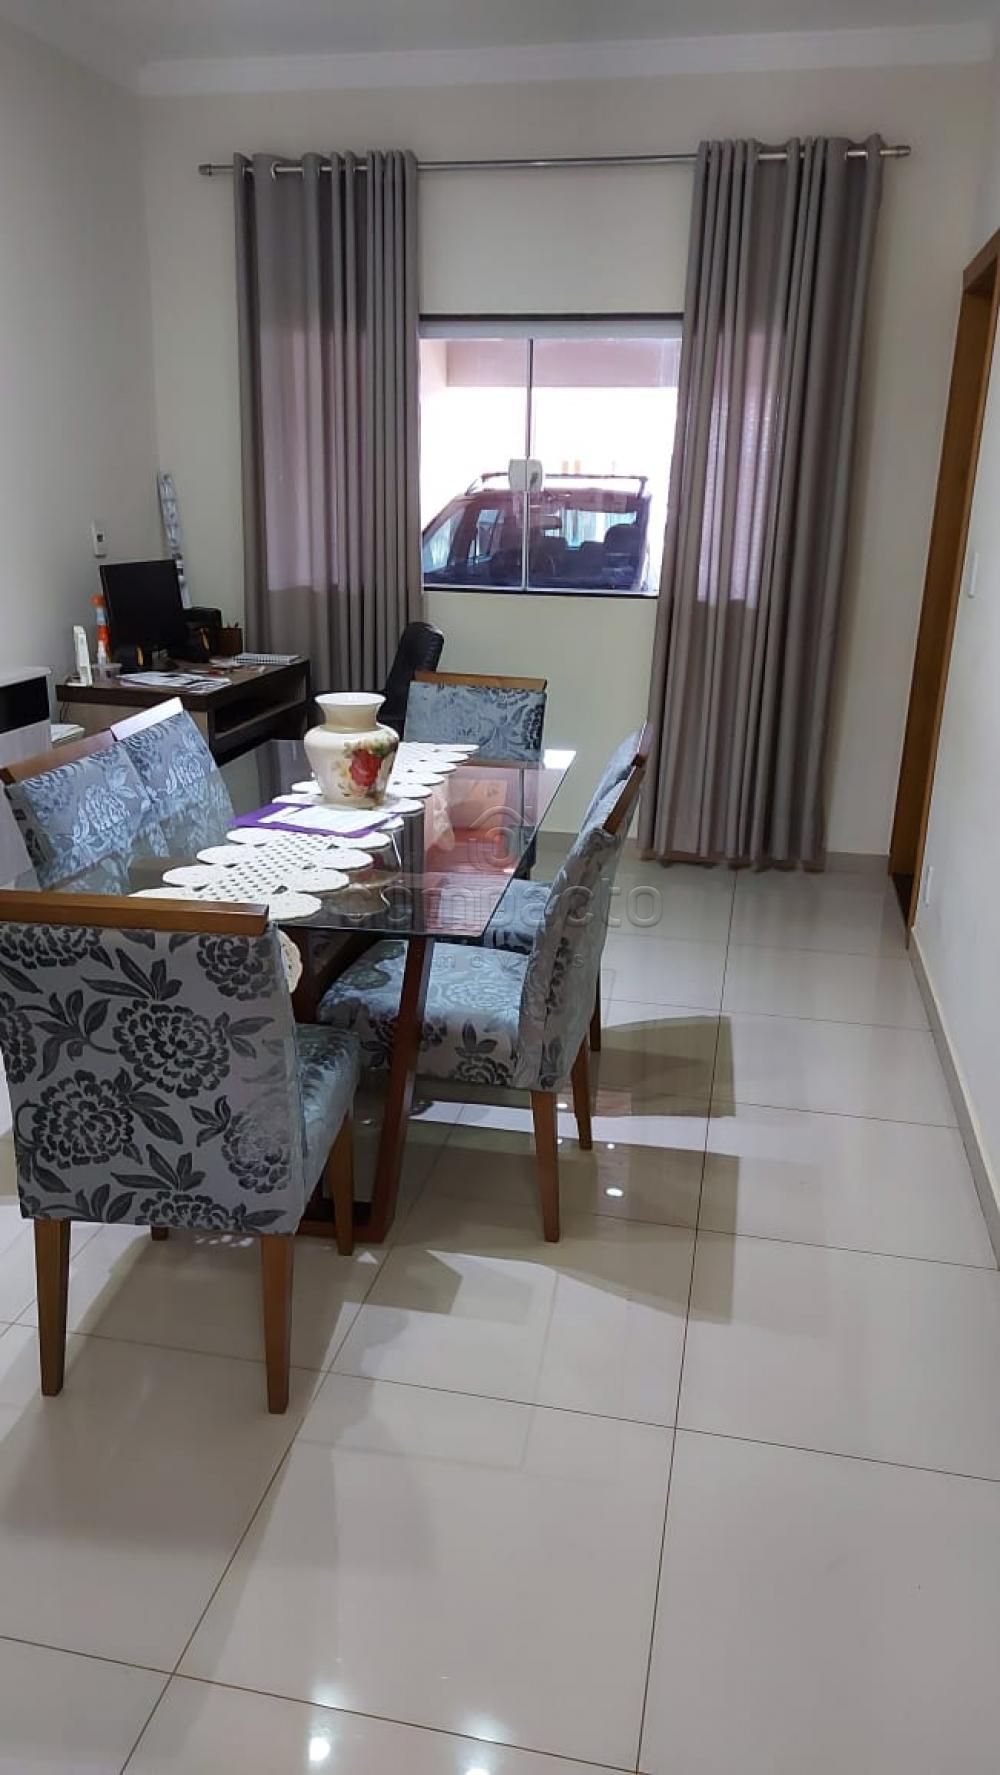 Comprar Casa / Padrão em Mirassol apenas R$ 420.000,00 - Foto 10